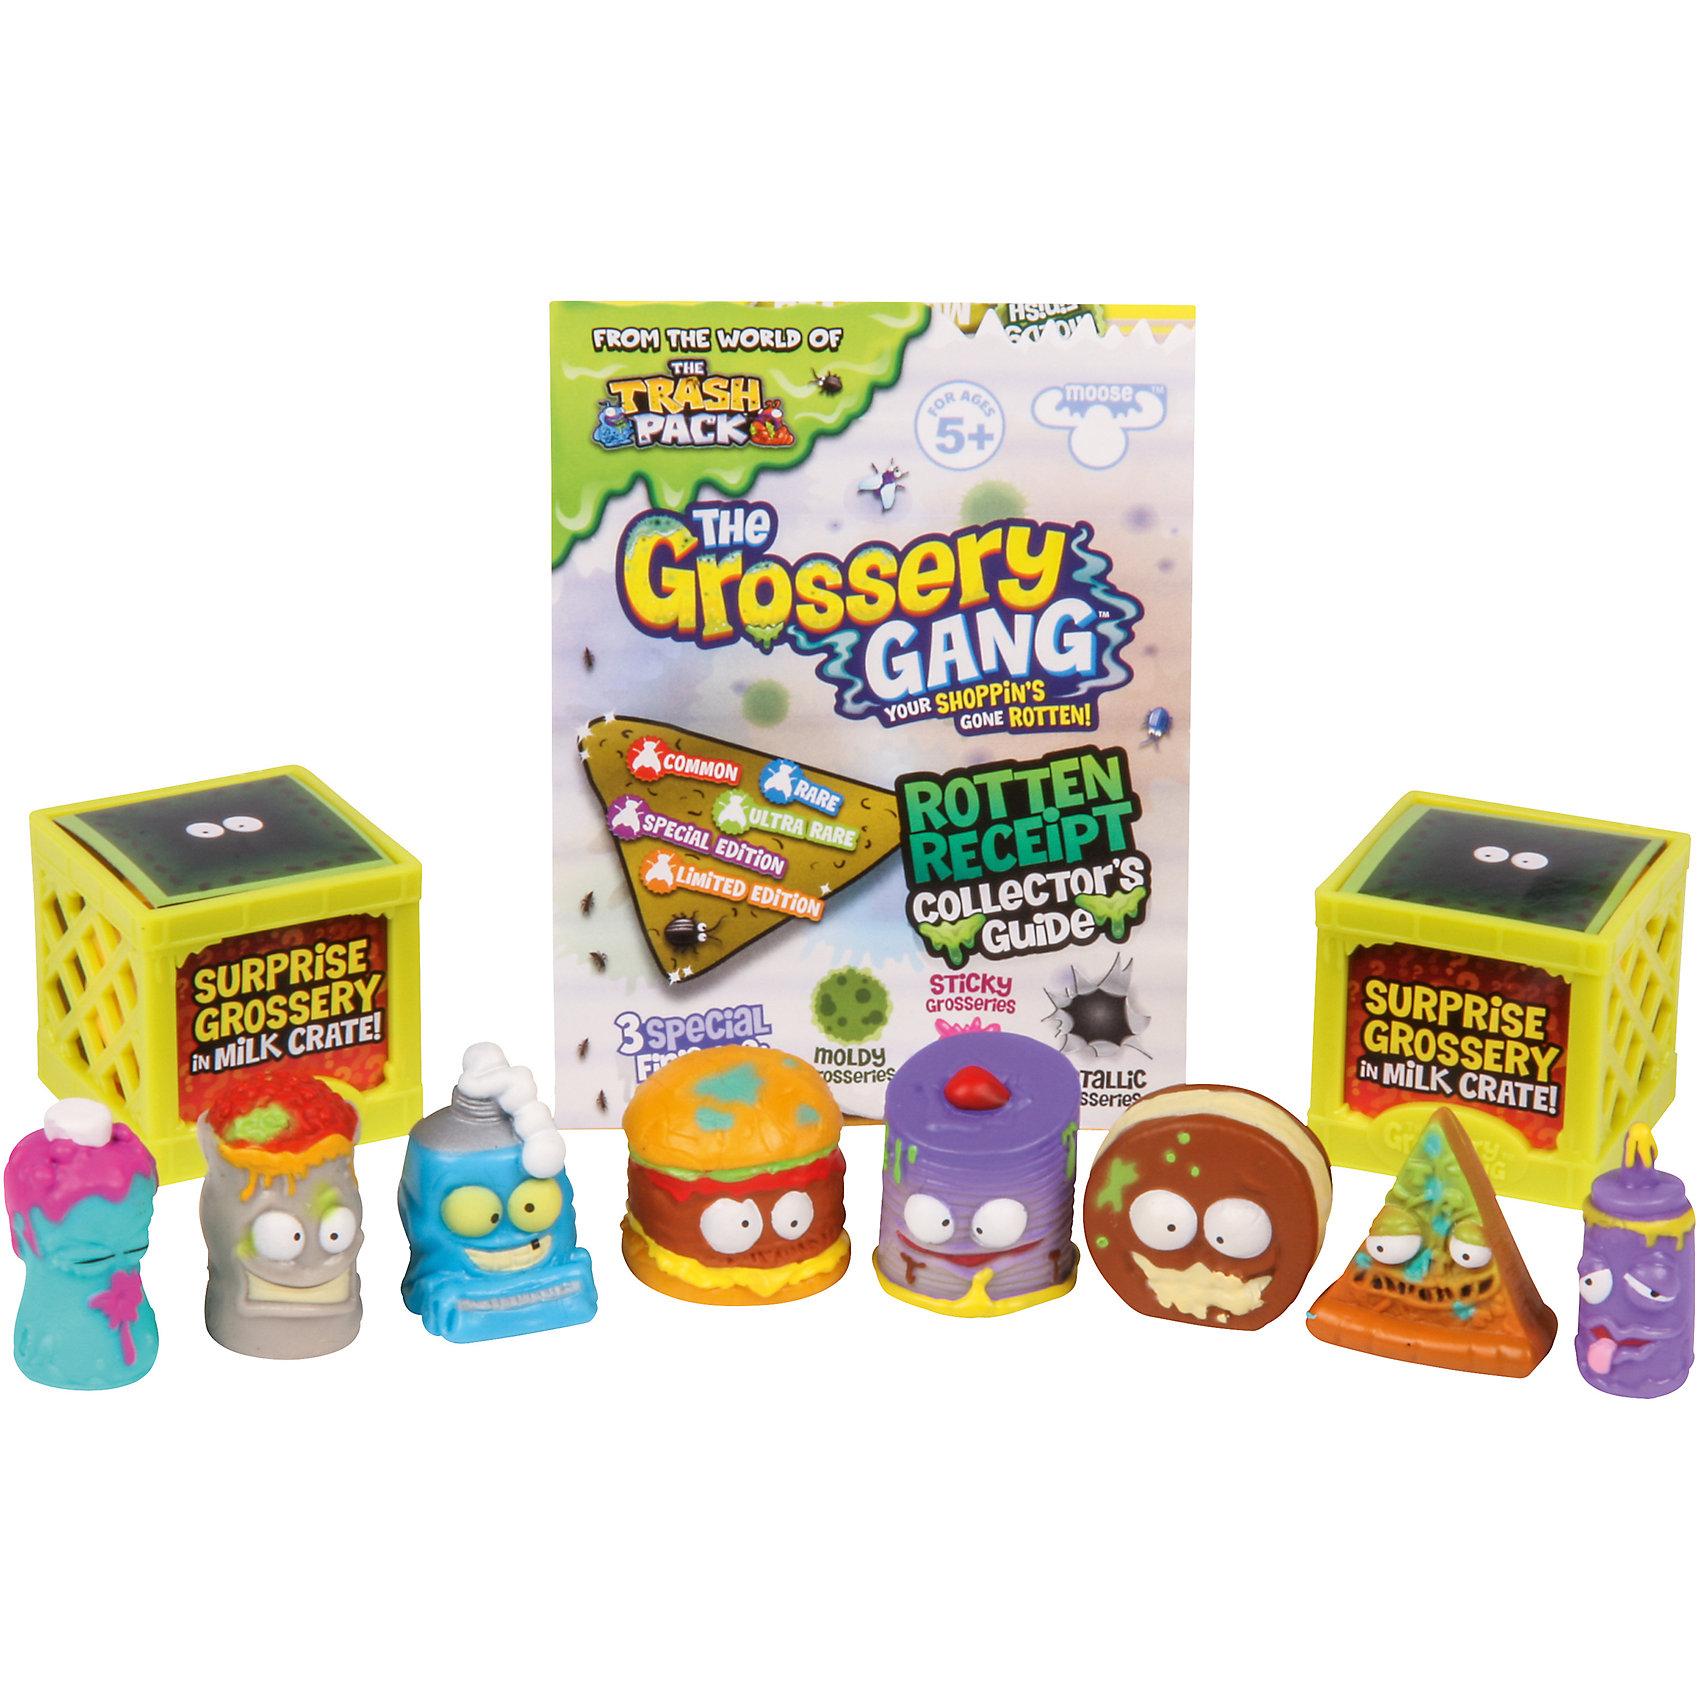 Фигурки Пакет чипсов, 10 шт., The Grossery GangИгрушечные продукты питания<br>Фигурки Пакет чипсов, 10 шт., Moose (Мус)<br><br>Характеристики:<br><br>• 2 бокса для хранения<br>• буклет с изображениями в комплекте<br>• 10 фигурок в комплекте<br>• материал: пластик<br>• размер упаковки: 20х25,8х4 см<br>• вес: 132 грамма<br>• в комплекте: 10 фигурок, 2 бокса, буклет<br><br>Что вы ожидаете увидеть, открывая пакетик чипсов? Наверное, всё, что угодно, но только не испортившиеся продукты из серии Grossery Gang. Однако именно эти маленькие хулиганы прячутся в пакетике. Придумайте интересную игру или устройте настоящий побег из супермаркета - веселье гарантировано! В набор входят 10 фигурок, 2 бокса для хранения и буклет с изображением персонажей серии.<br><br>Фигурки Пакет чипсов, 10 шт., Moose (Мус) вы можете купить в нашем интернет-магазине.<br><br>Ширина мм: 40<br>Глубина мм: 258<br>Высота мм: 200<br>Вес г: 132<br>Возраст от месяцев: 60<br>Возраст до месяцев: 2147483647<br>Пол: Женский<br>Возраст: Детский<br>SKU: 5397304